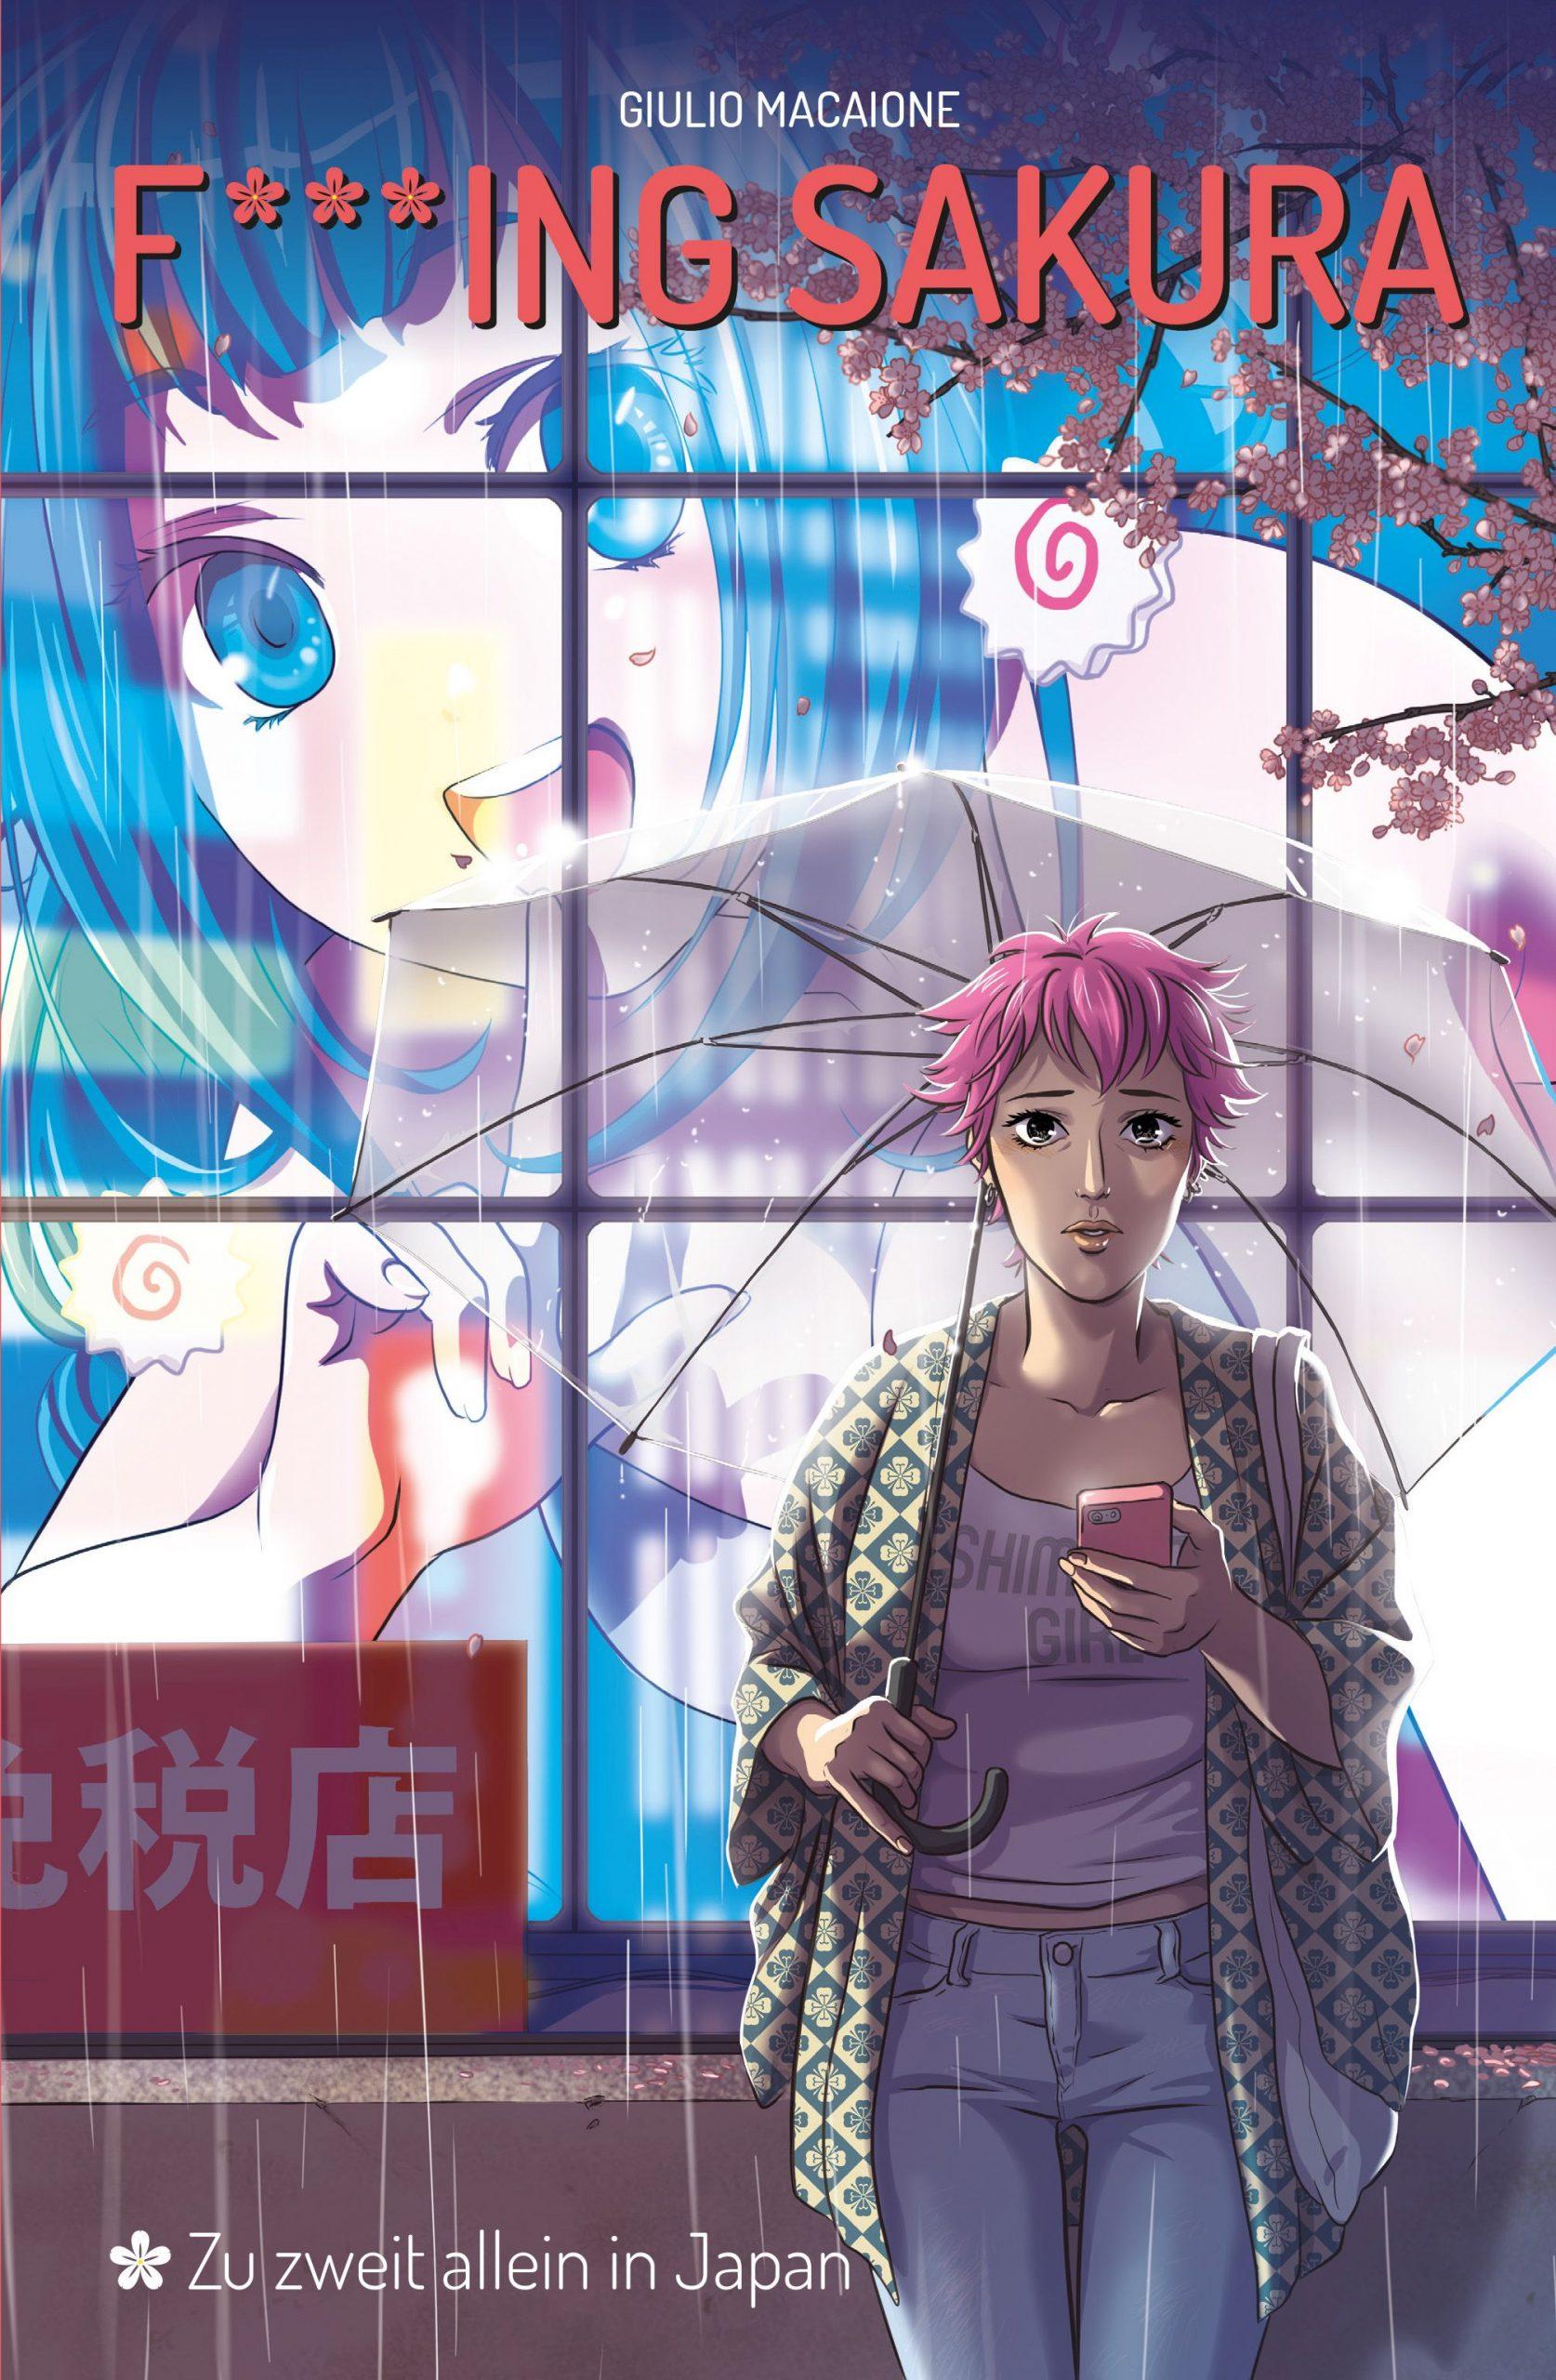 Eine wunderschöne Graphic Novel um Mangas, Japan und die Liebe